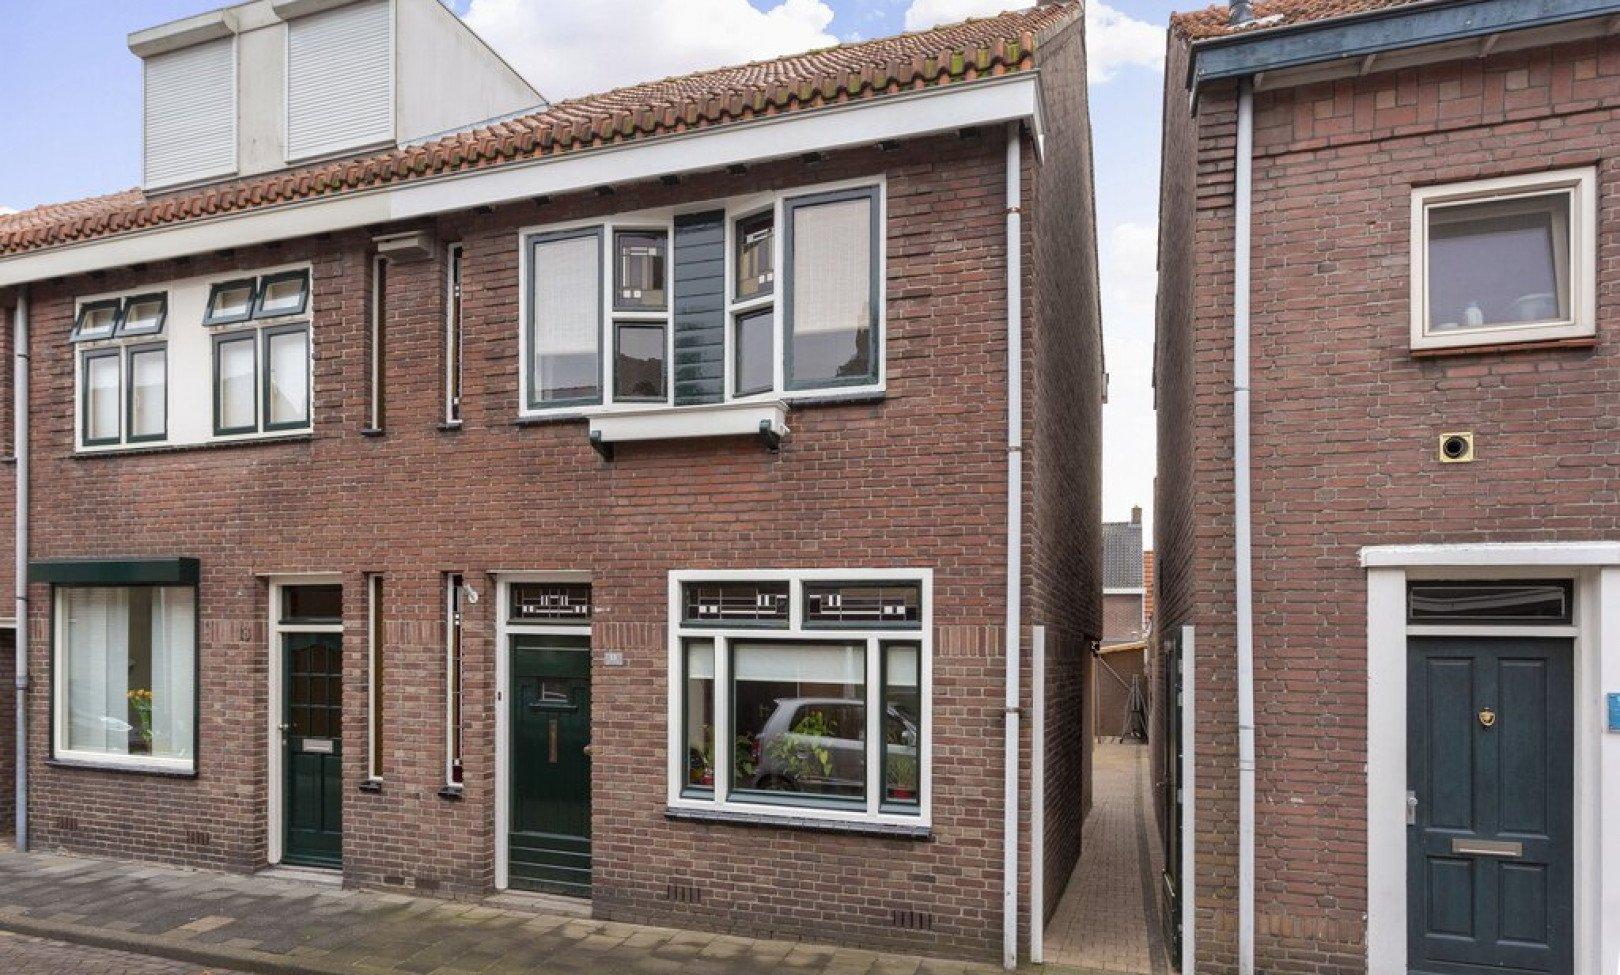 Goirle, Molenstraat 11